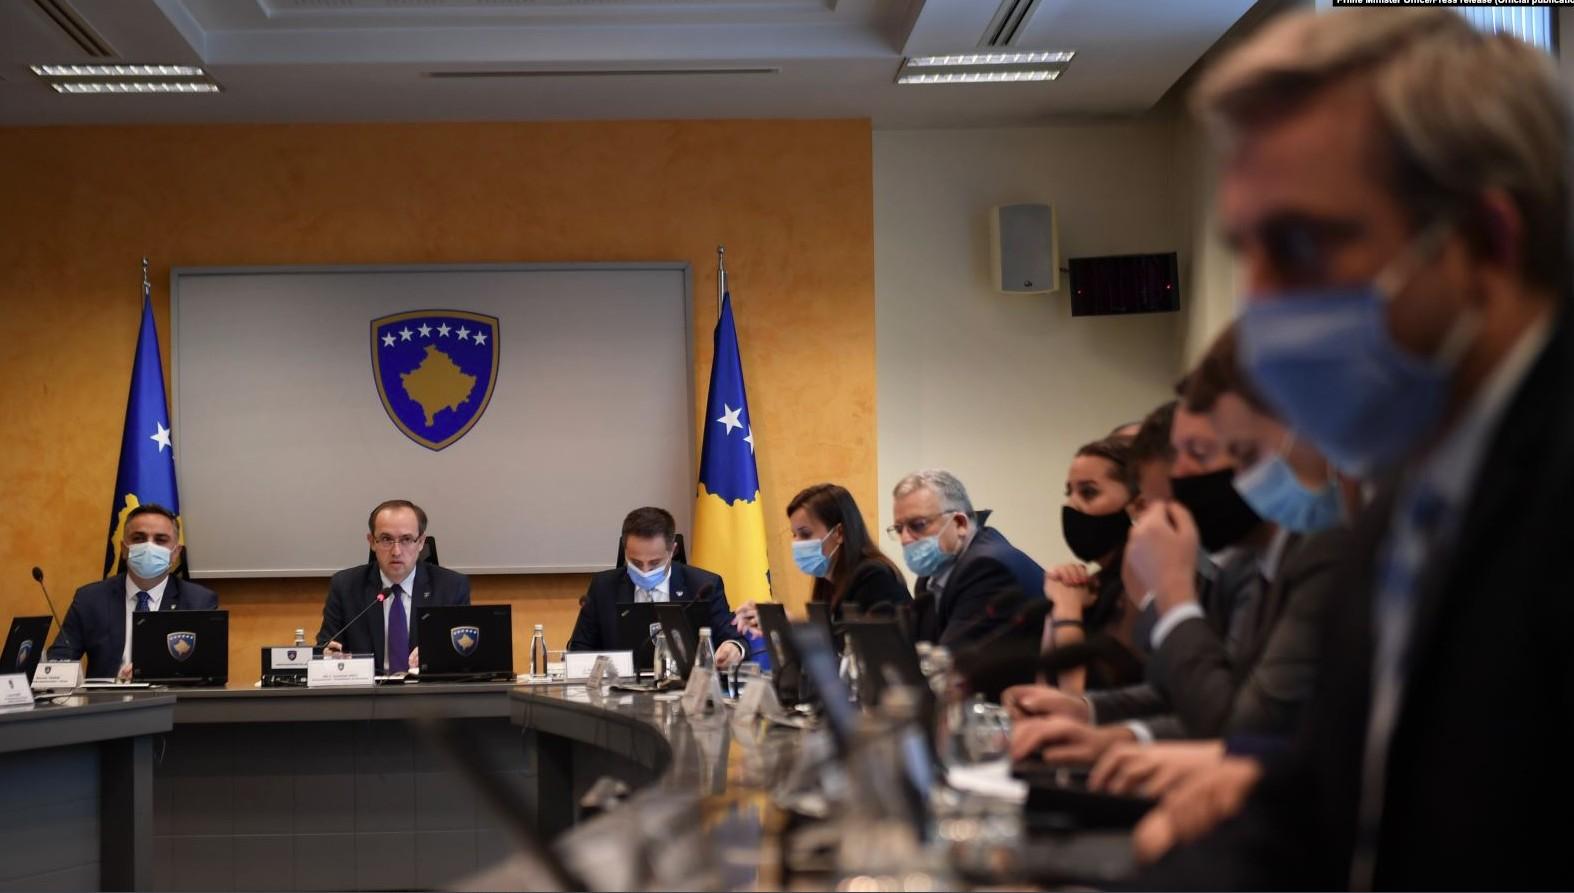 Zgjedhjet në Podujevë mesazh për pushtetin qendror